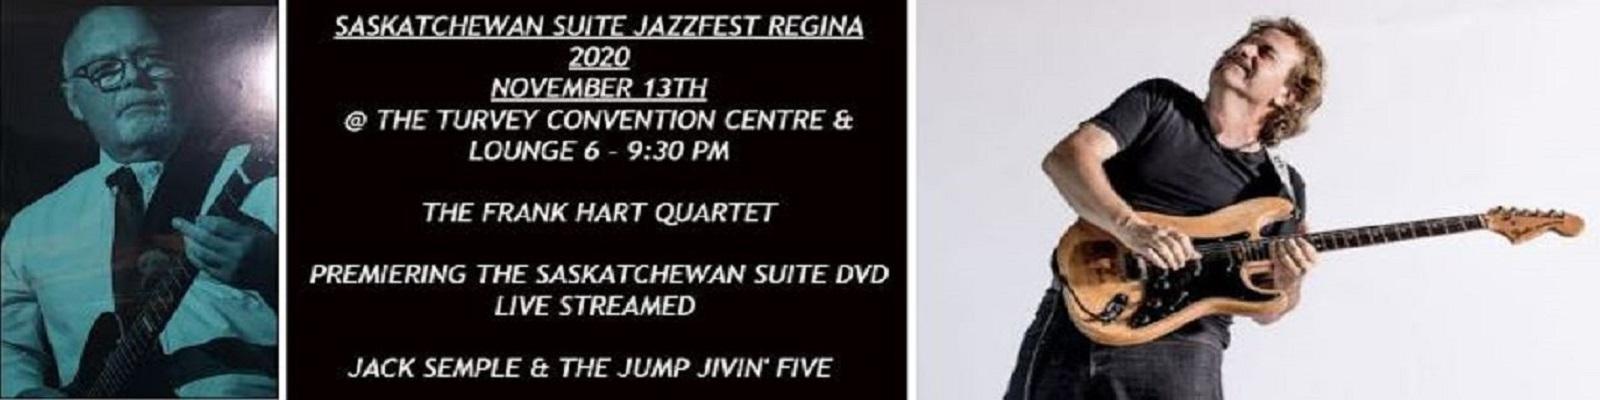 Saskatchewan Suite JazzFest Regina 2020